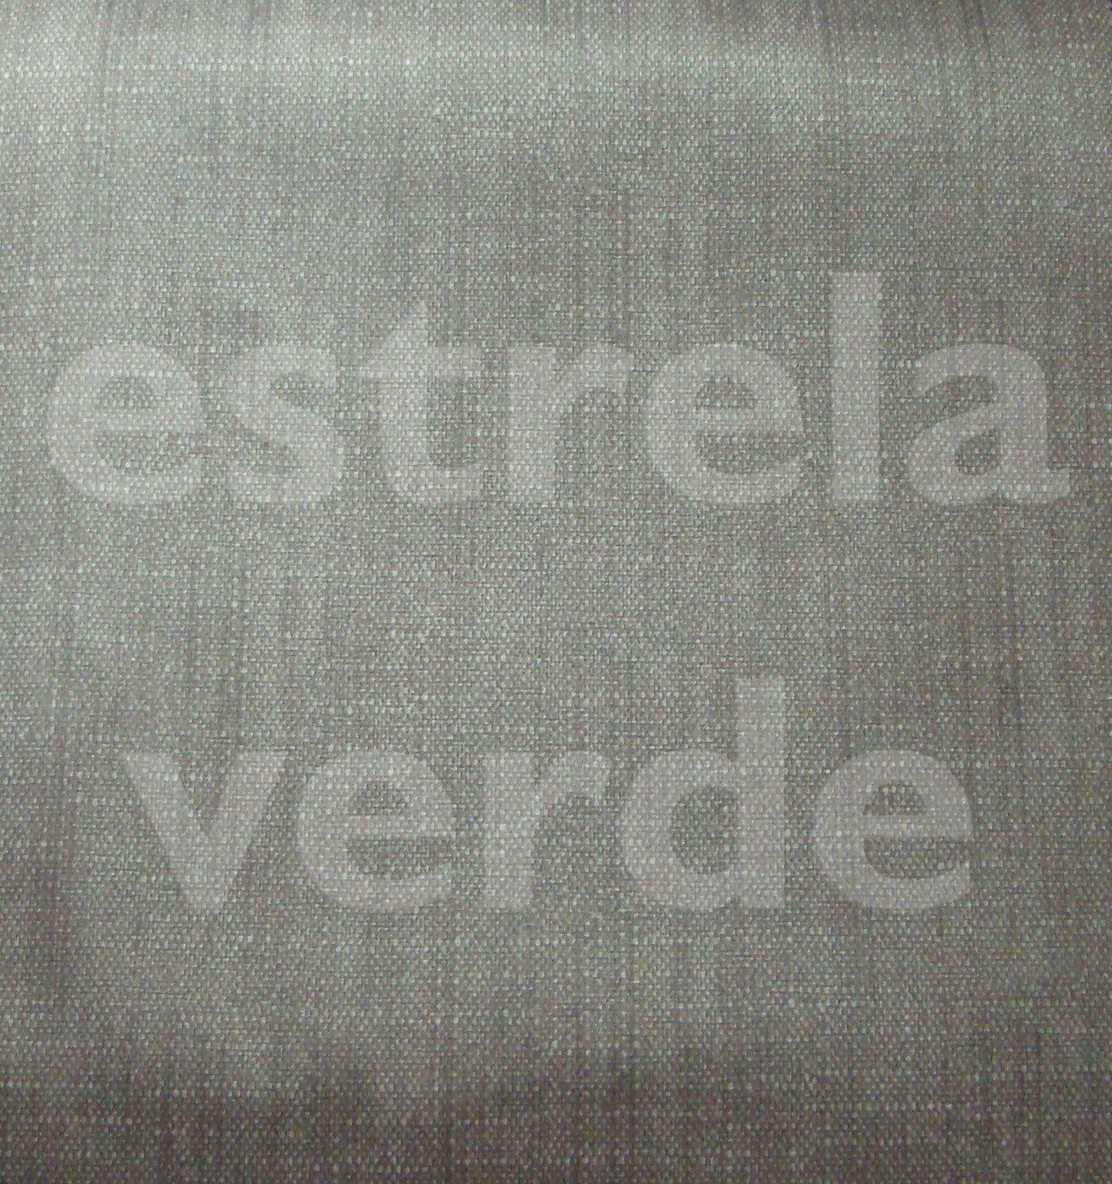 SUEDE ATENAS BEGE (3064-95) (DESCONTINUADO)  - Estrela Verde